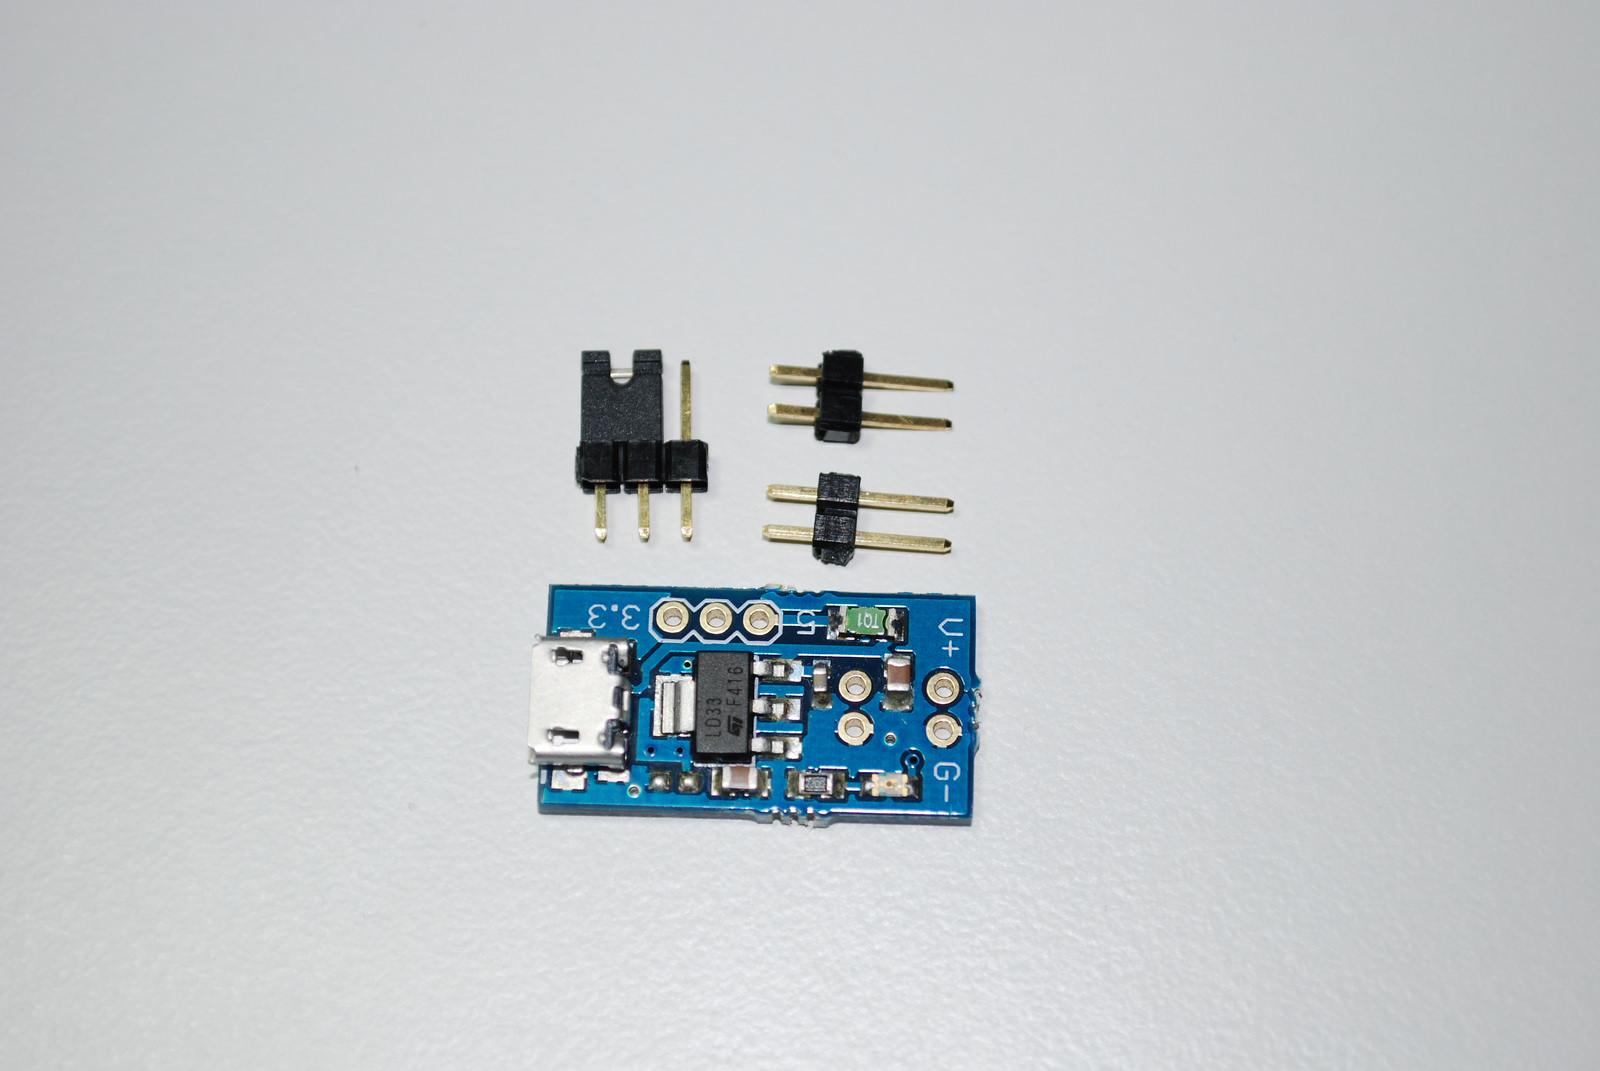 ecPower + conectores.